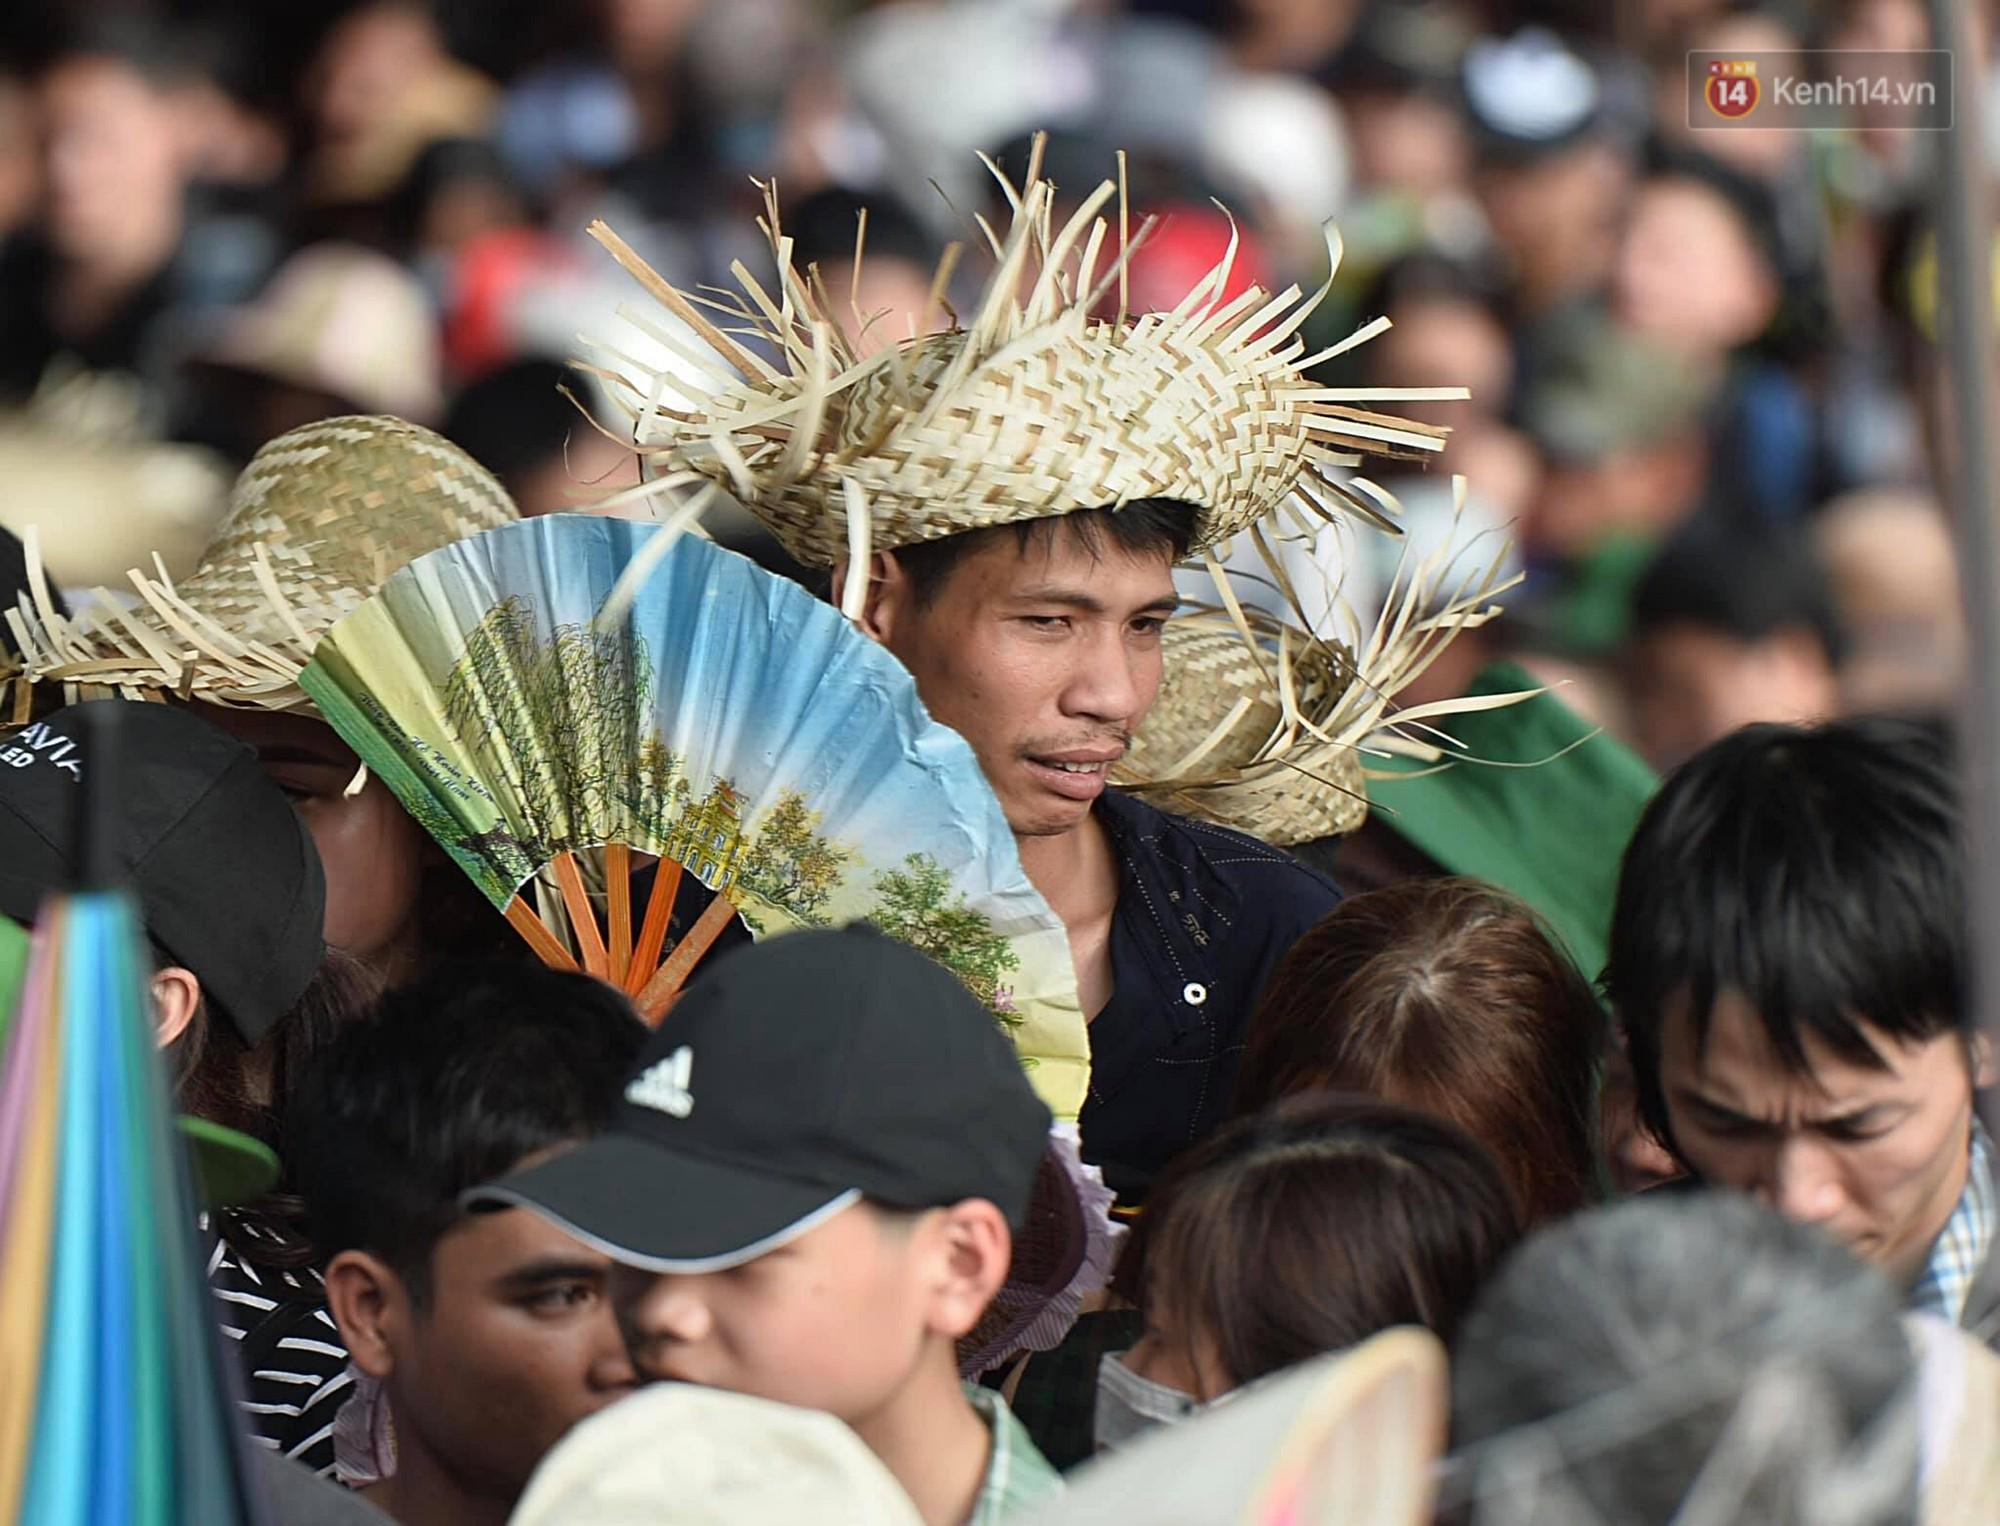 Gần 5 vạn người đổ về chùa Hương trong ngày mồng 5 Tết, 1 ngày trước khi khai hội - Ảnh 13.